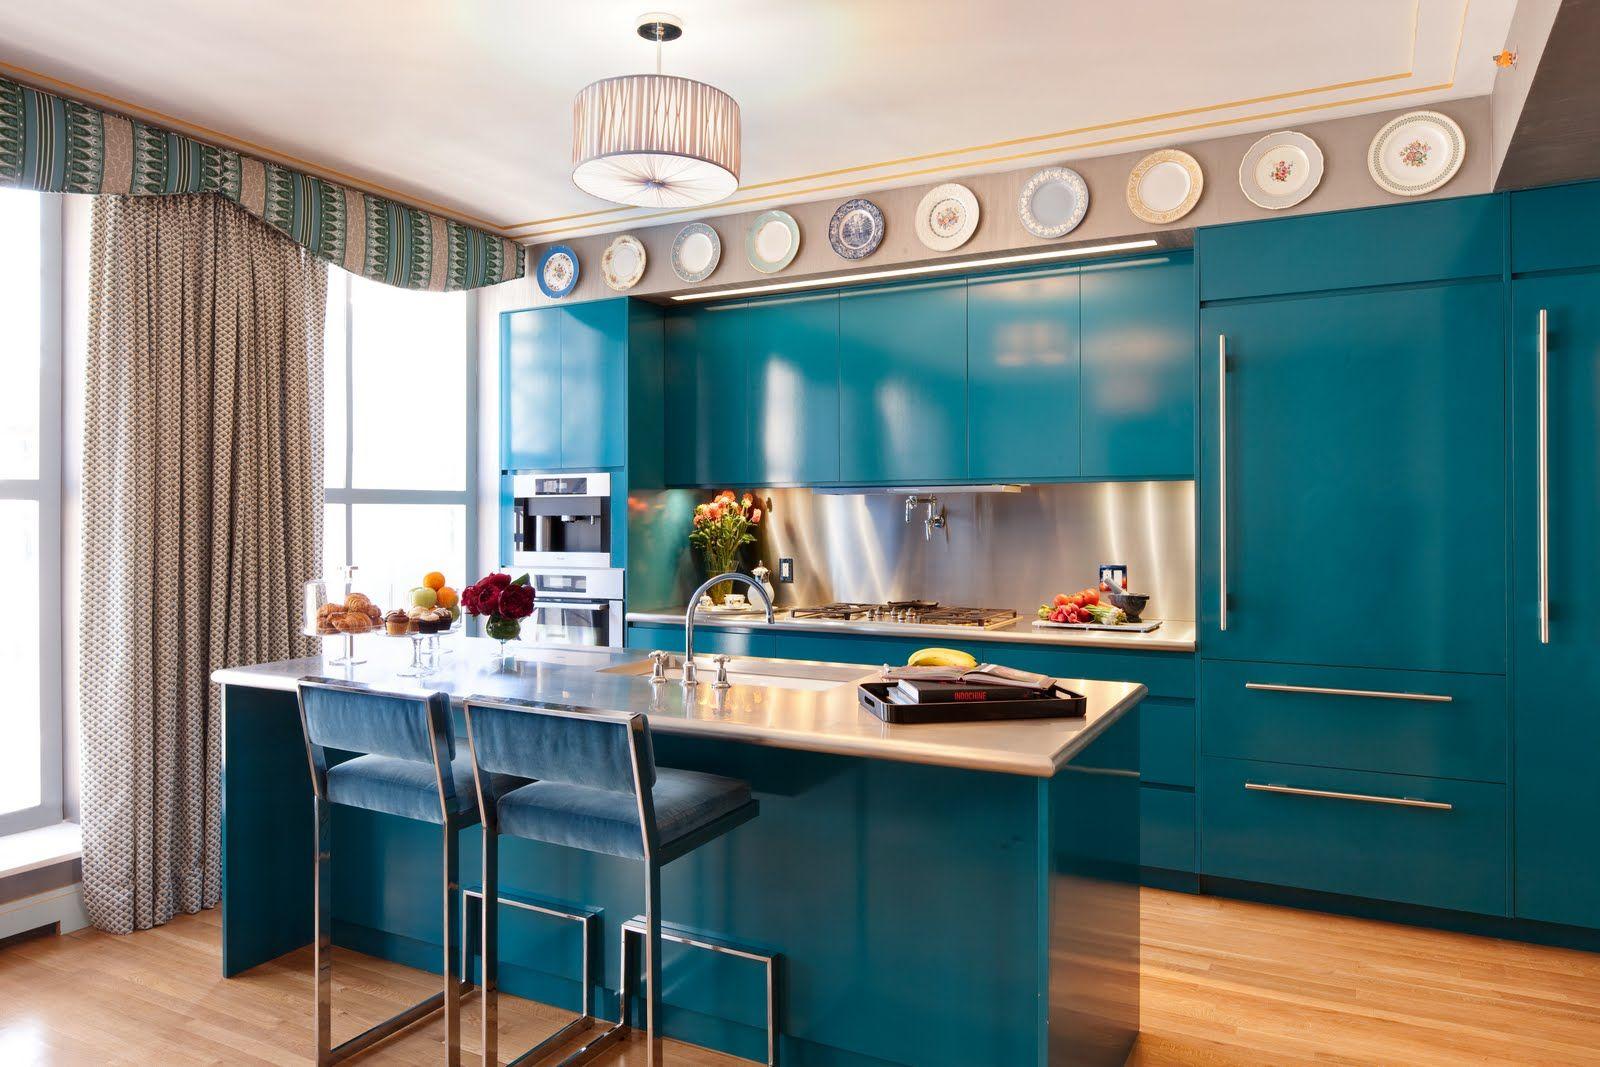 Aus ideen für die küche atemberaubende moderne küche kühnen hauch von blau  lförmigen die